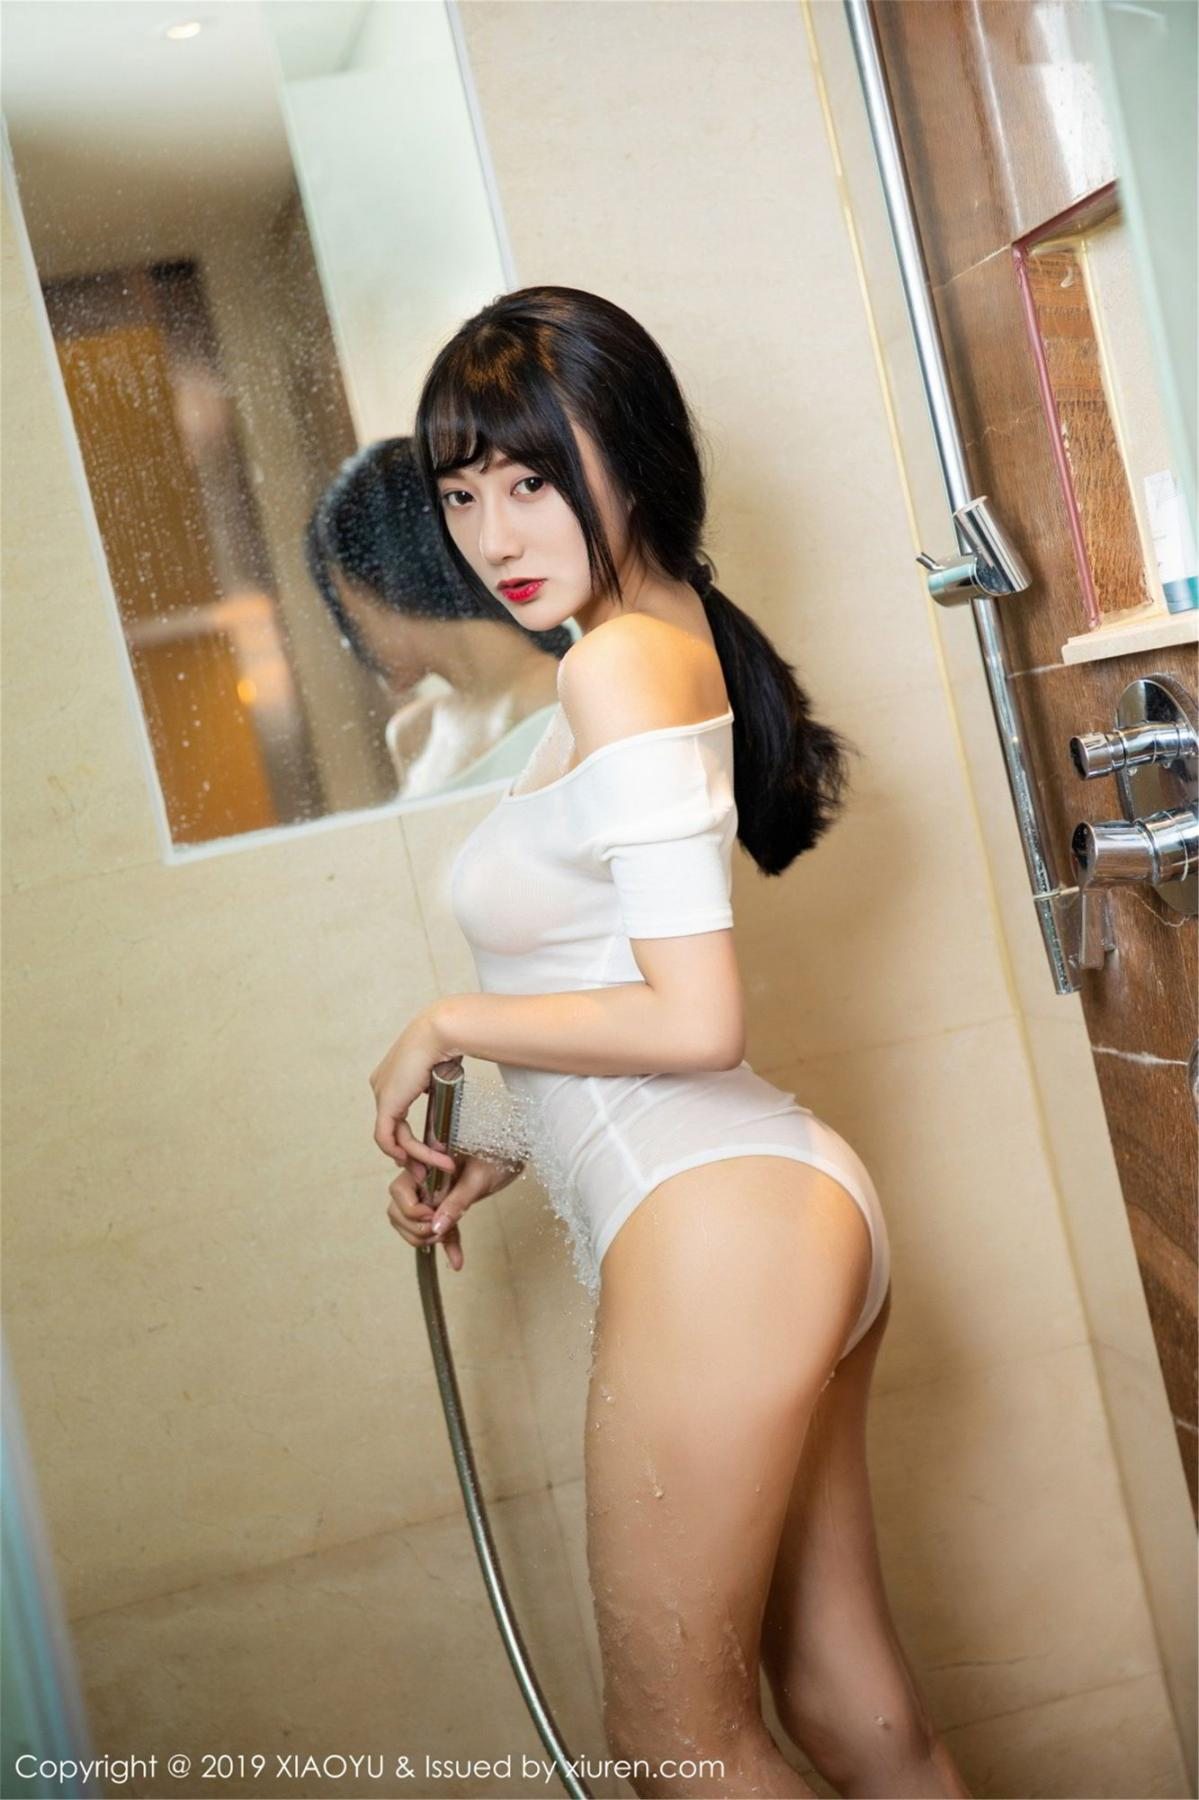 [XiaoYu] Vol.116 He Jia Ying 35P, Bathroom, He Jia Ying, Wet, XiaoYu